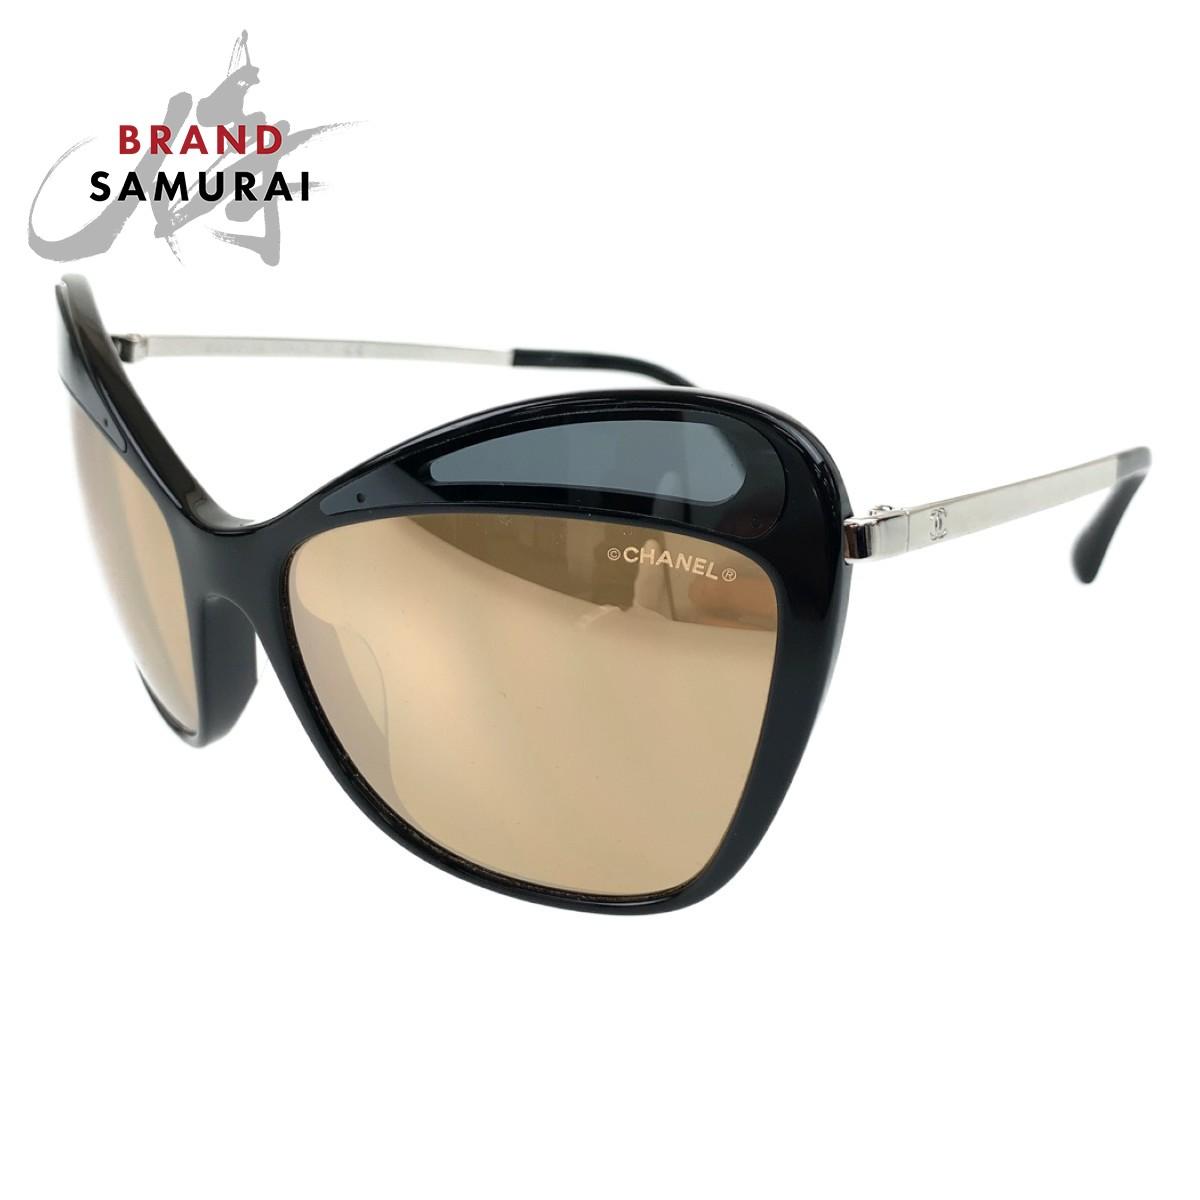 BRAND SAMURAI 美品 CHANEL 限定モデル シャネル ココマーク フォックス レディース 中古 サングラス 情熱セール 5377-A 102742 ブラック ミラーレンズ